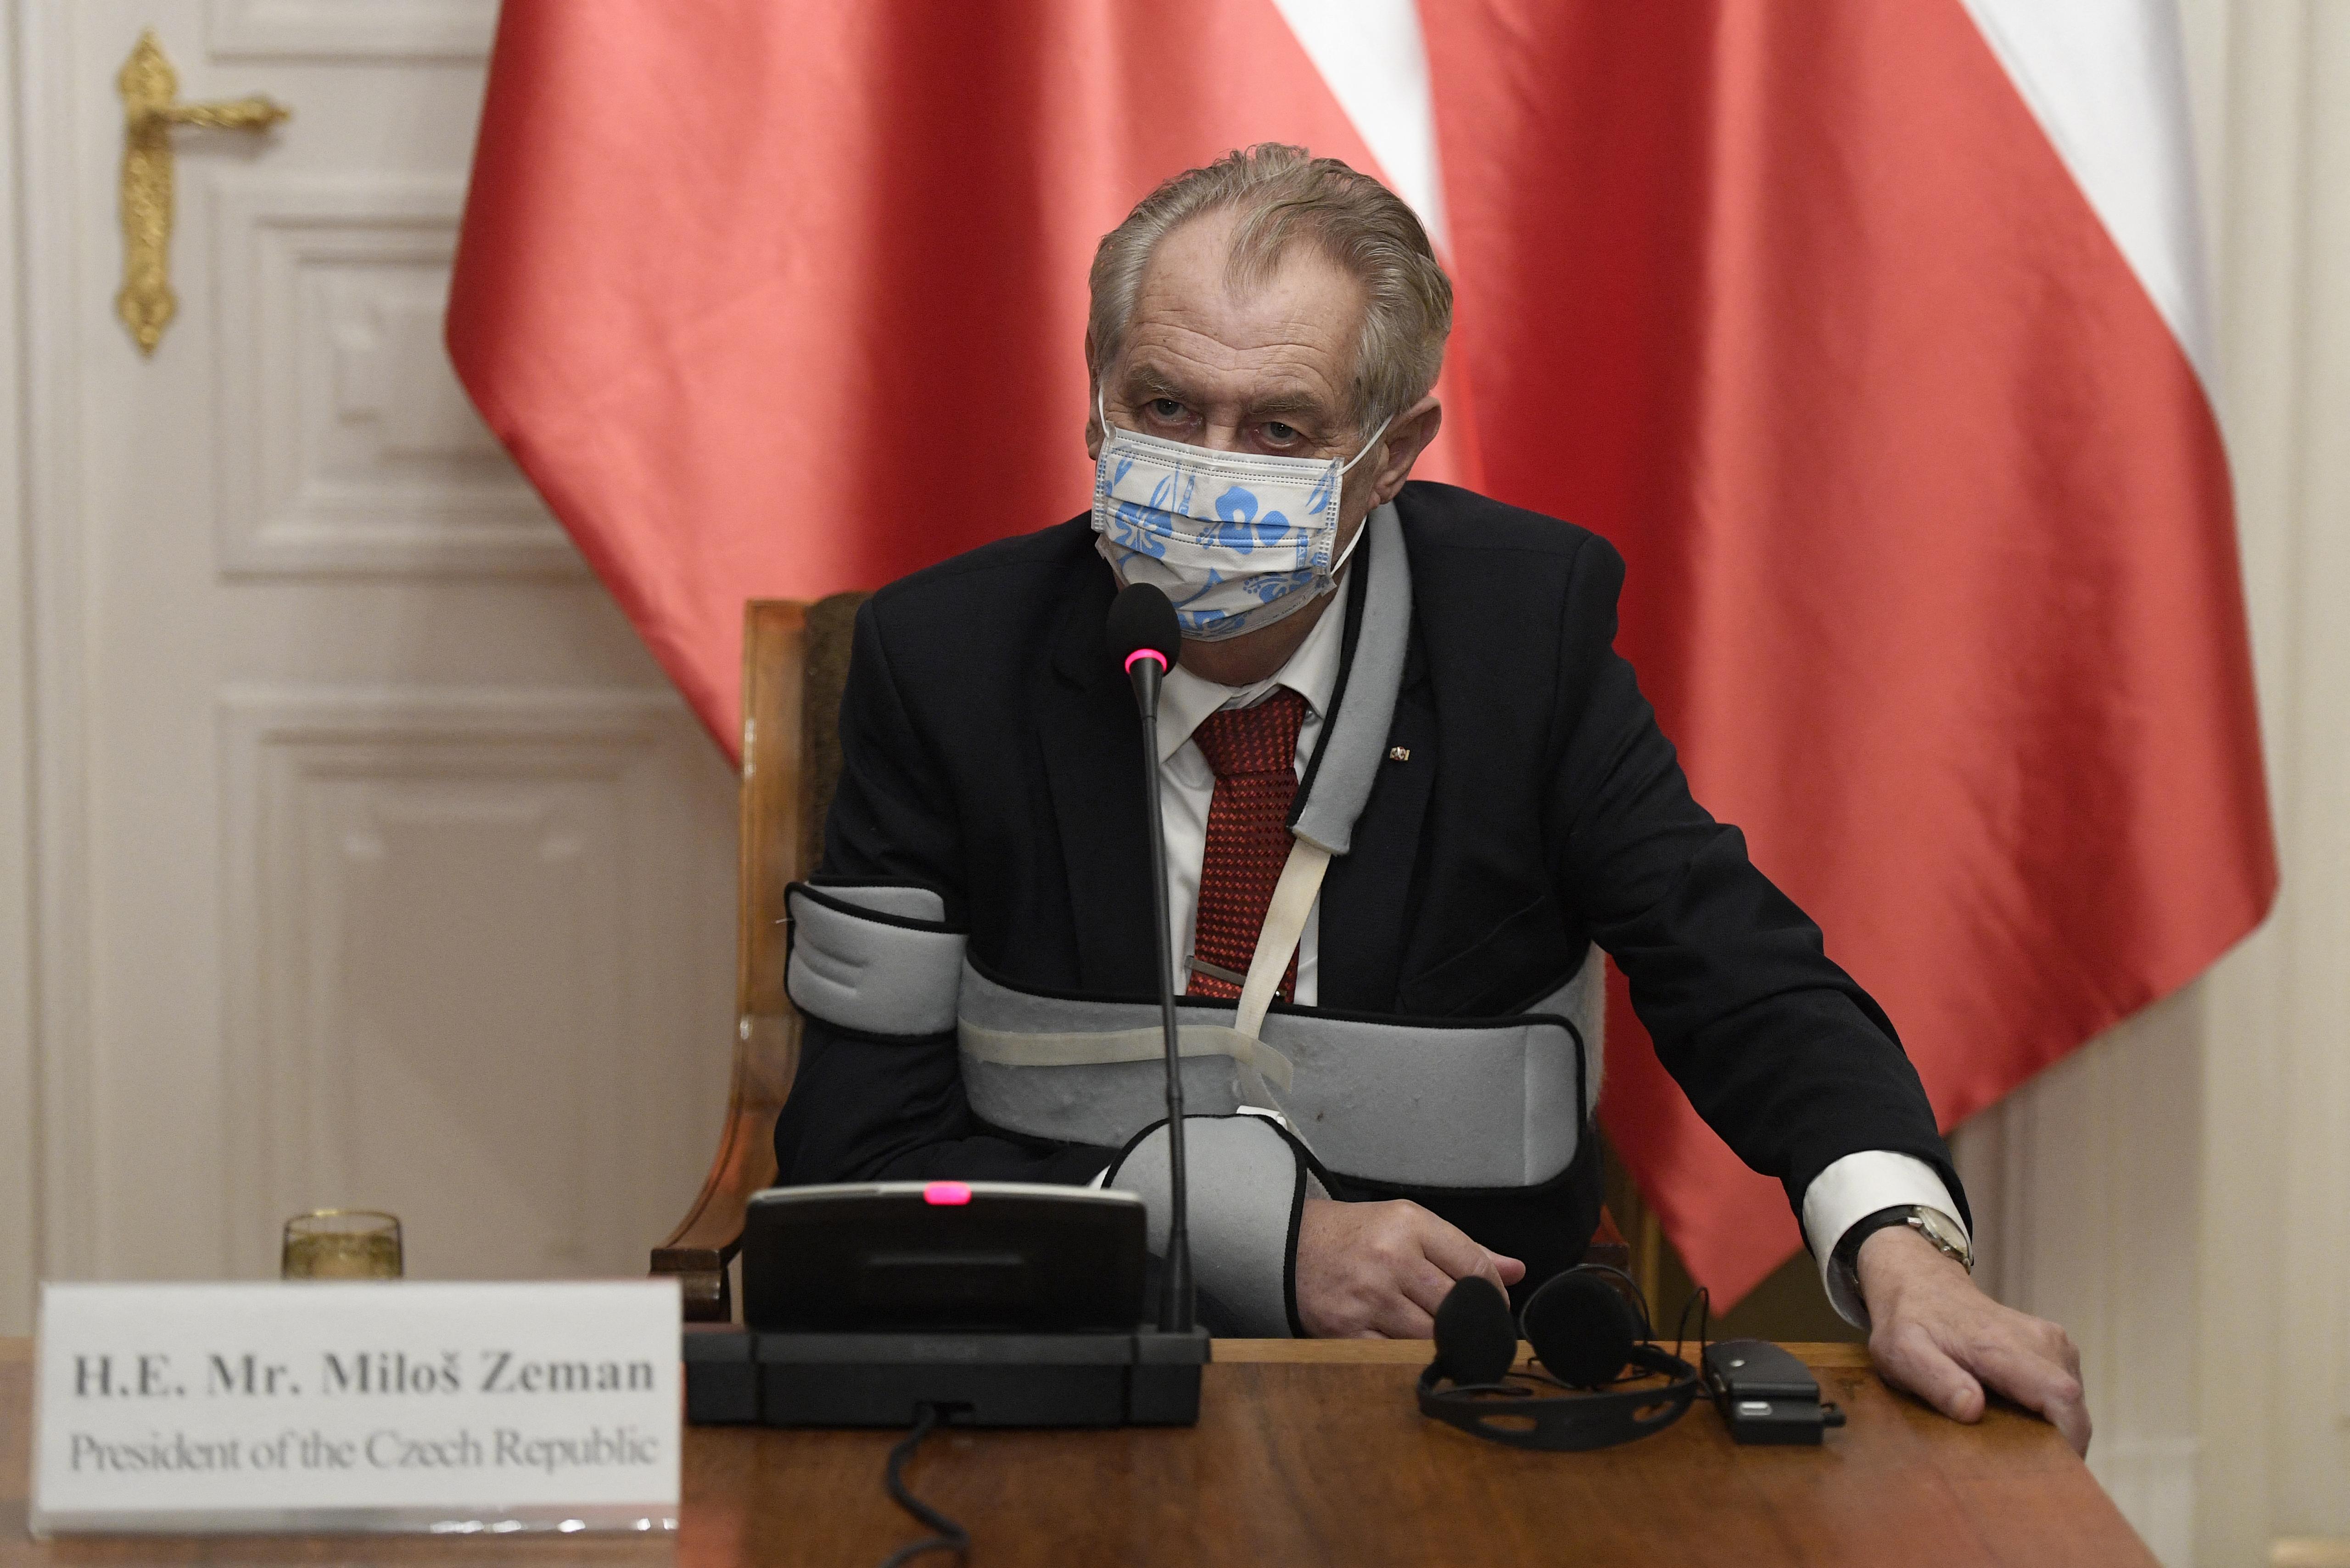 Tolószékbe került Milos Zeman cseh államfő